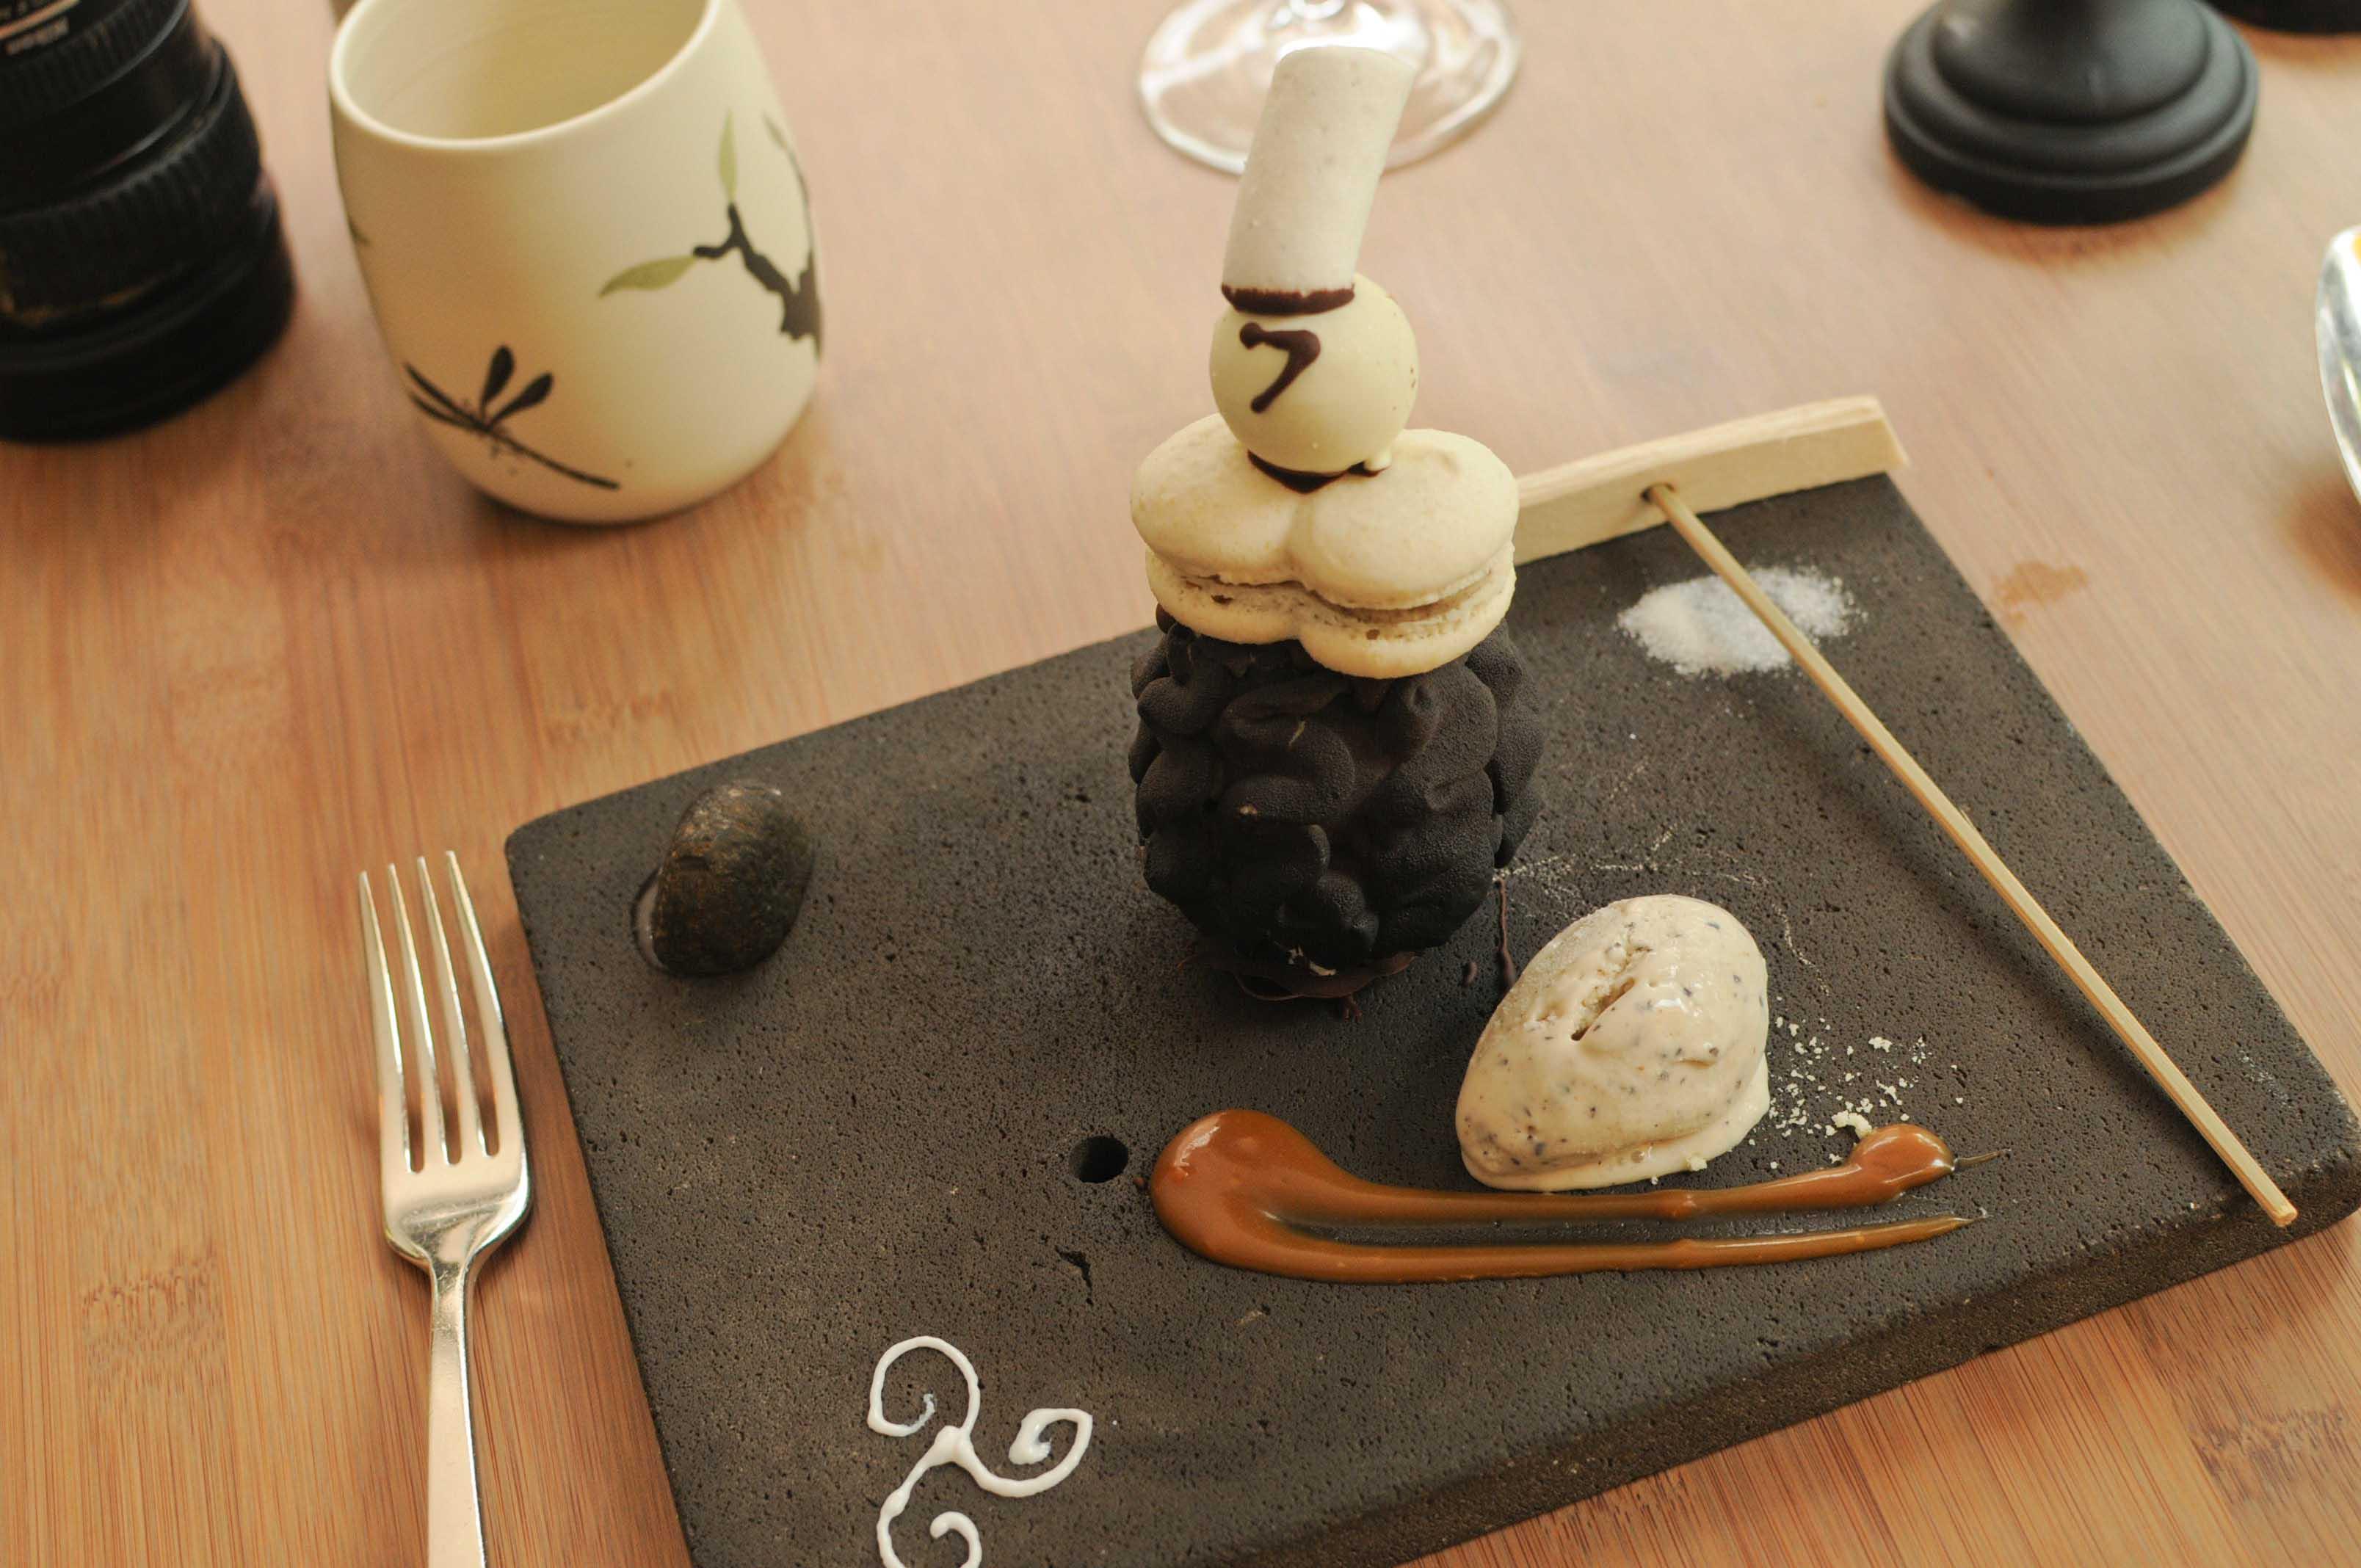 La Mare Aux Oiseaux - Restaurant Gastronomique d' Eric Guérin